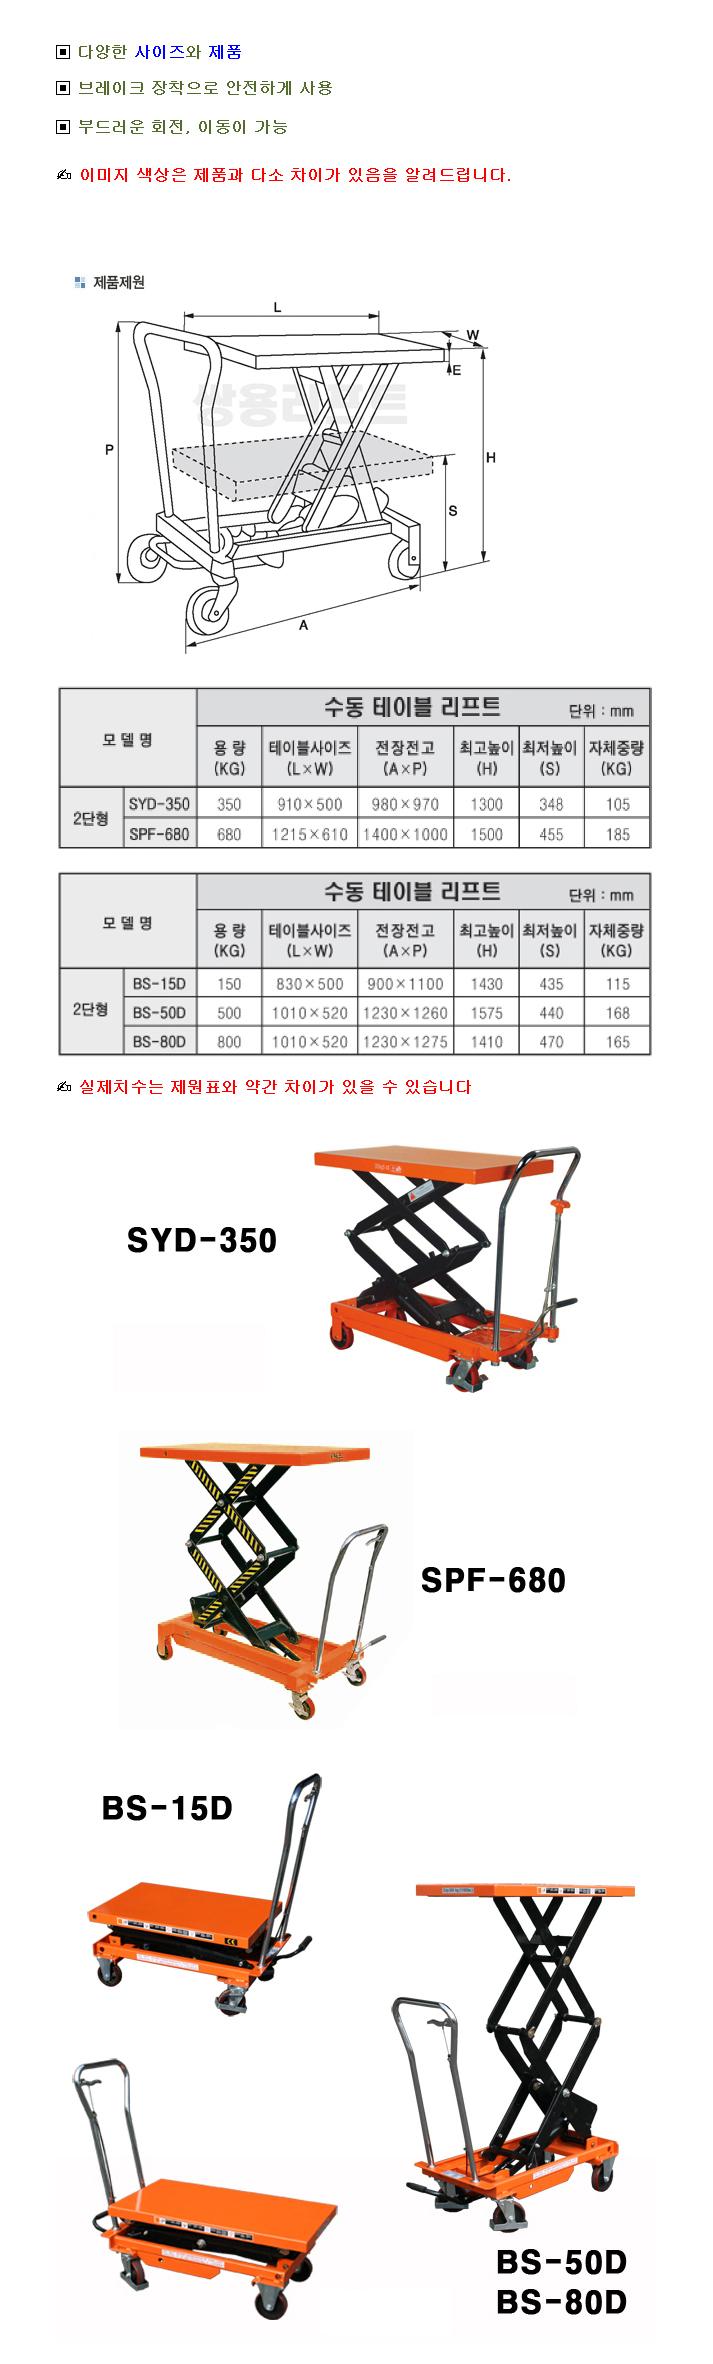 (주)쌍용리프트 수동식 테이블리프트 2단형 BS / SYD / SPF Series